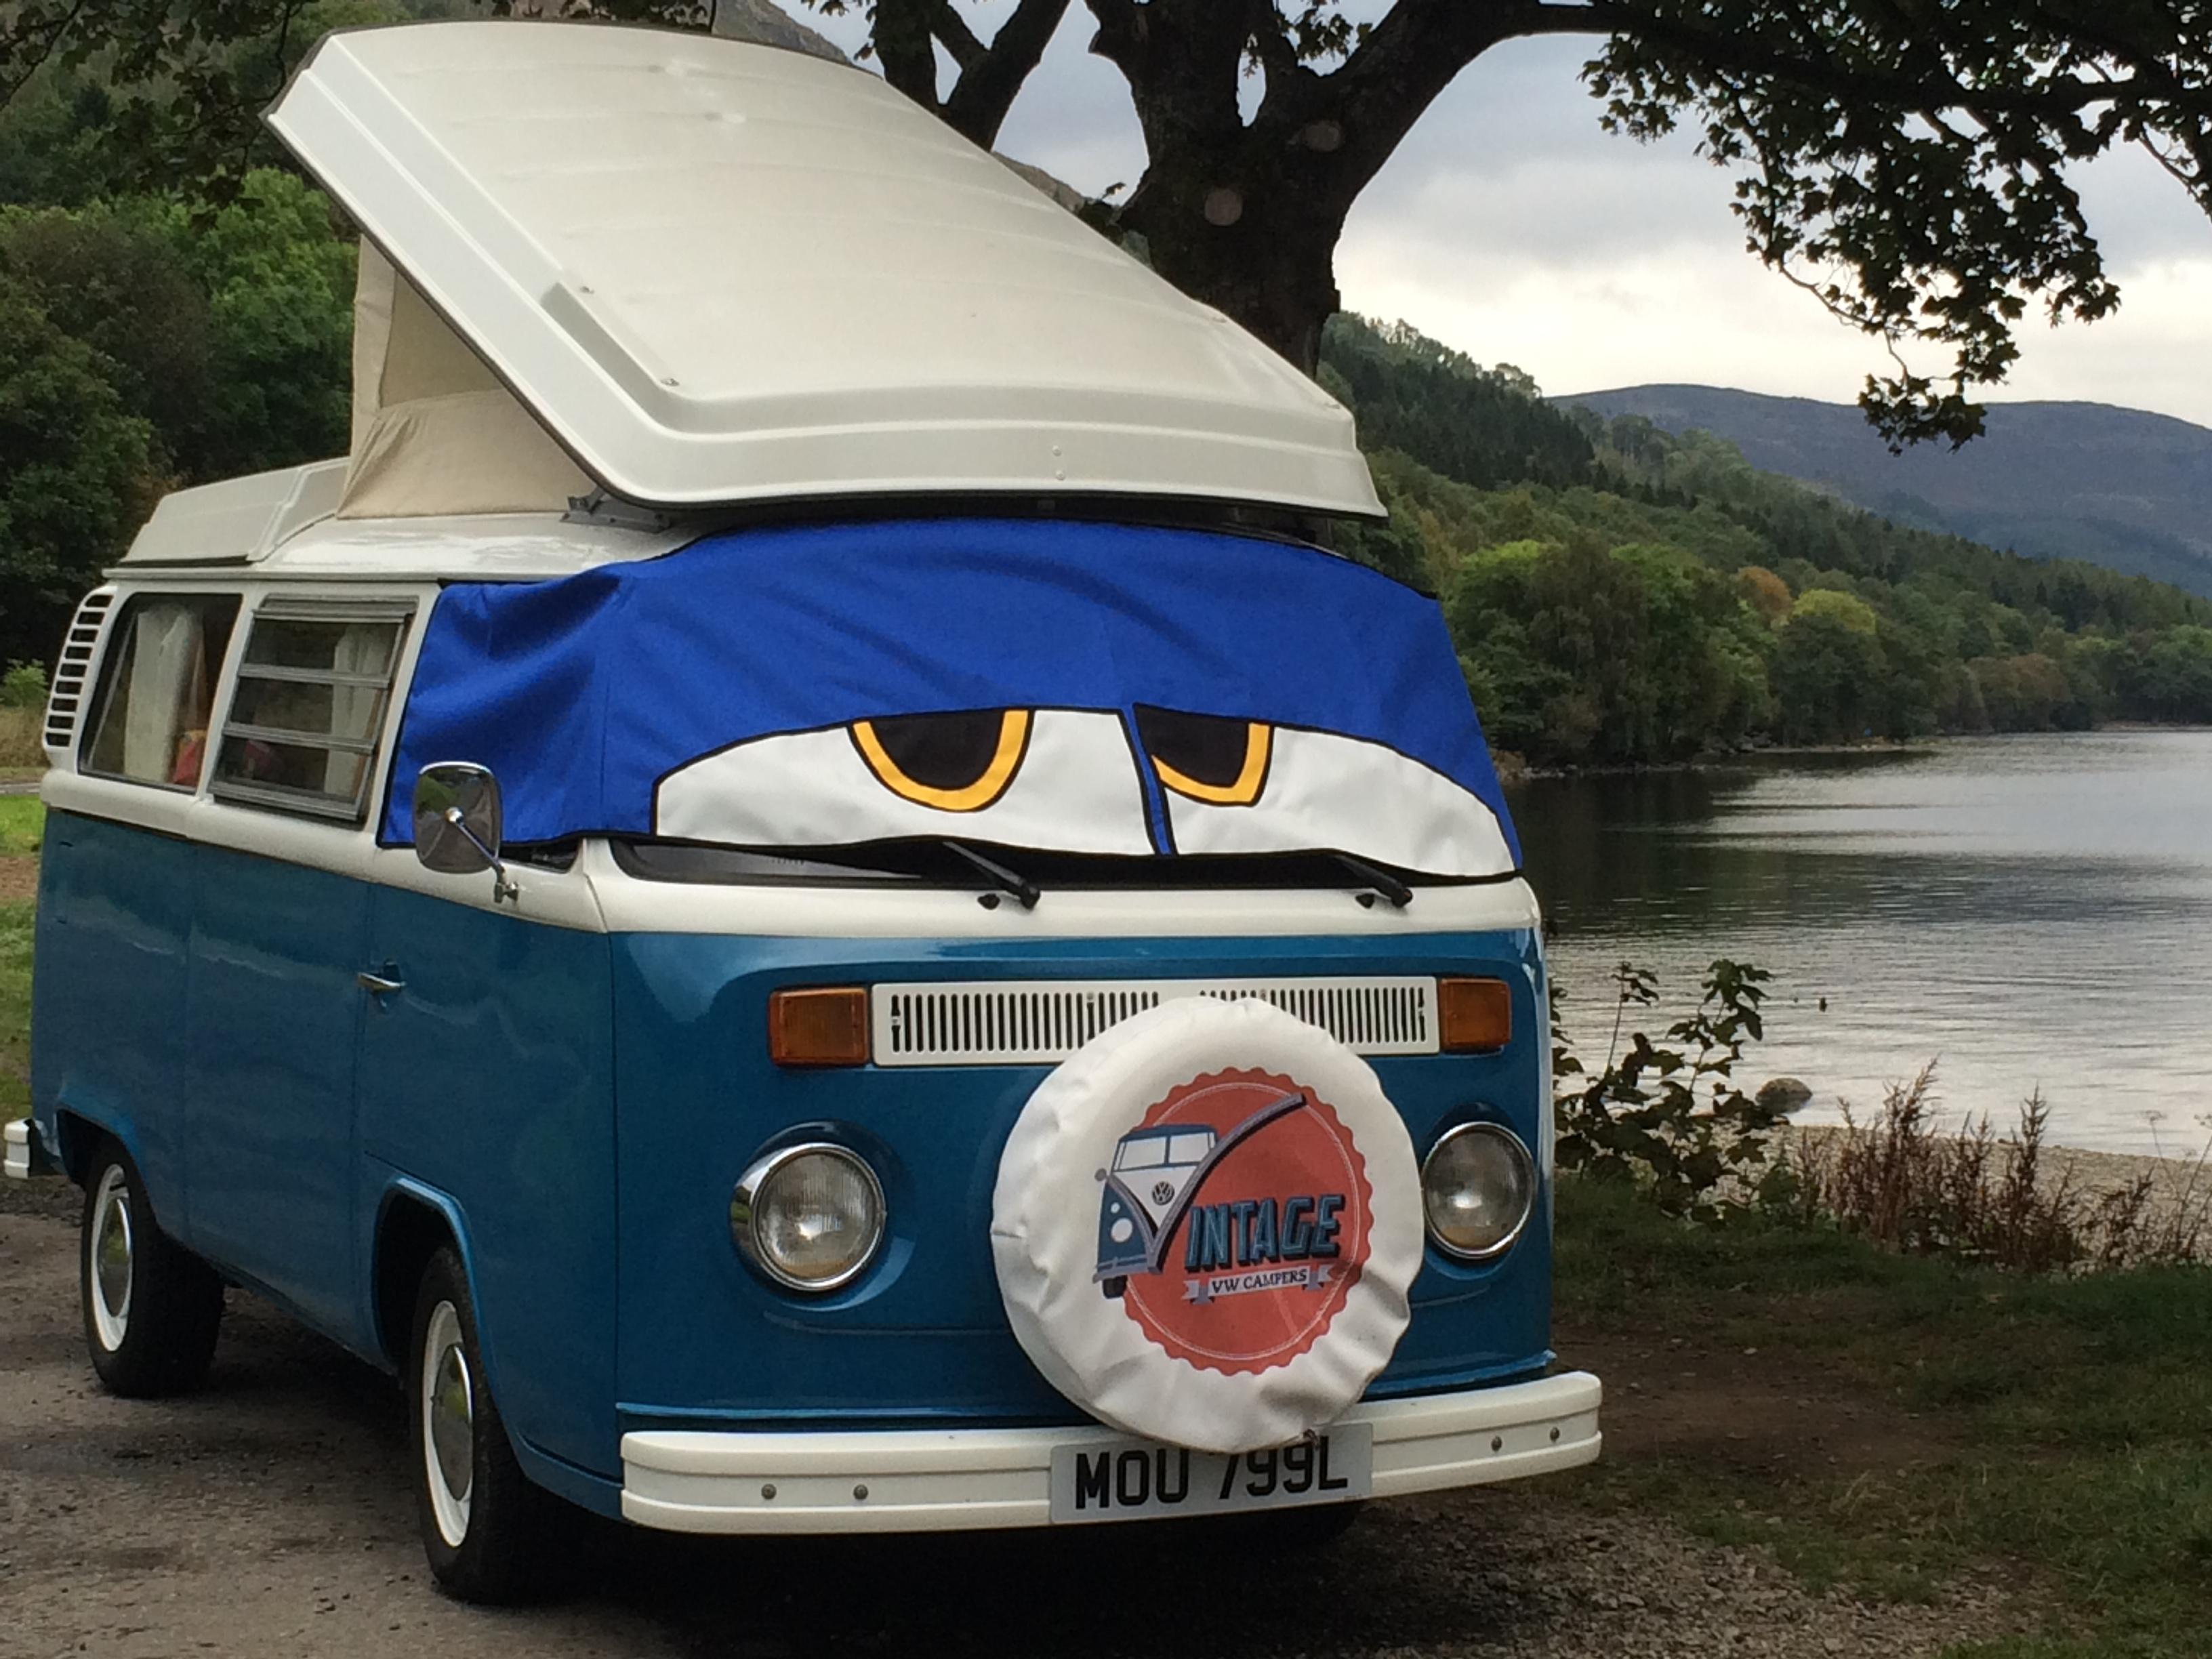 Vintage Vw Campers Vw Camper Hire Scotland Self Catering Falkirk